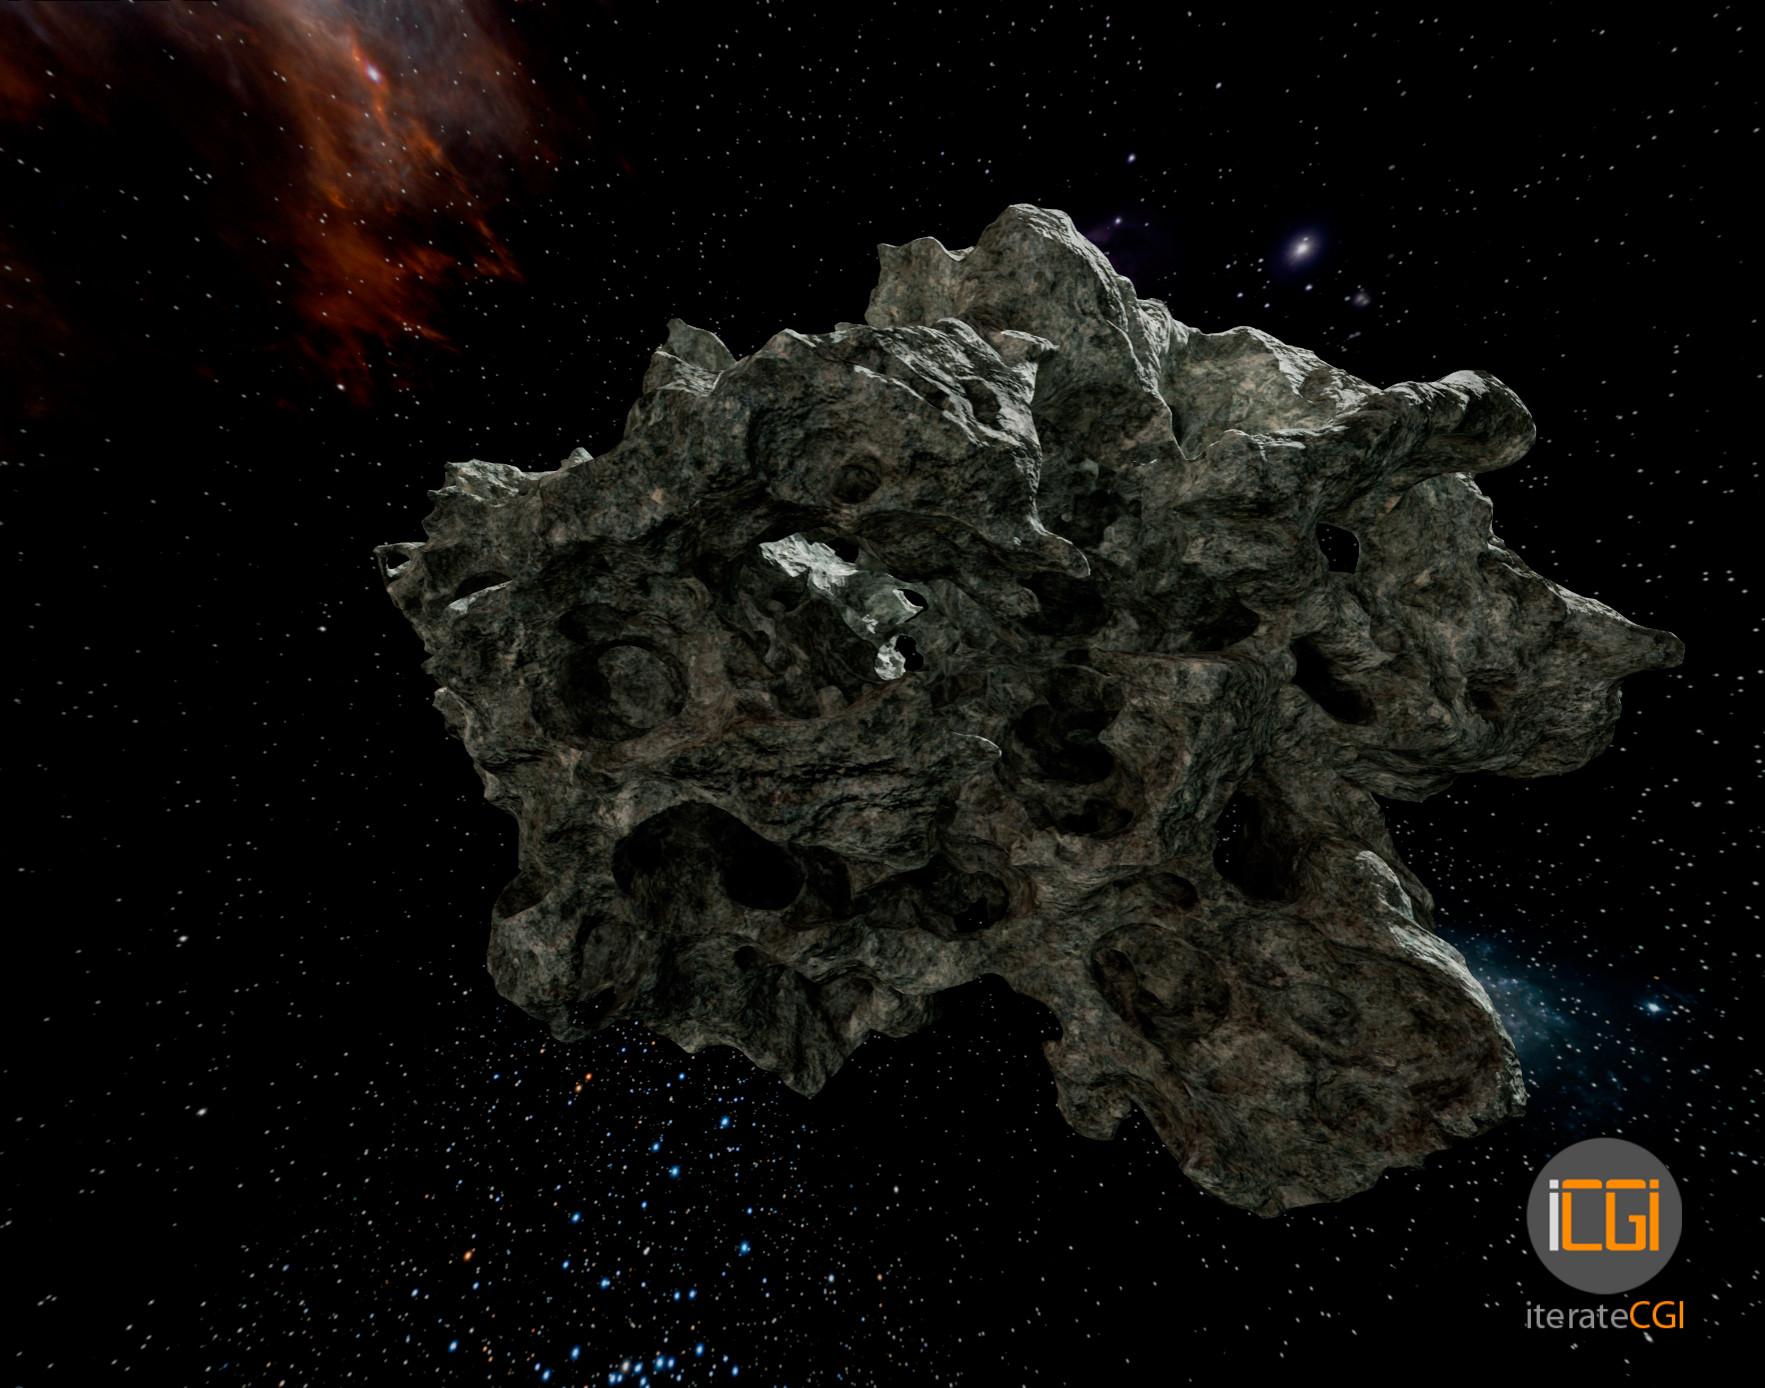 Johan de leenheer 3d asteroid game model 4